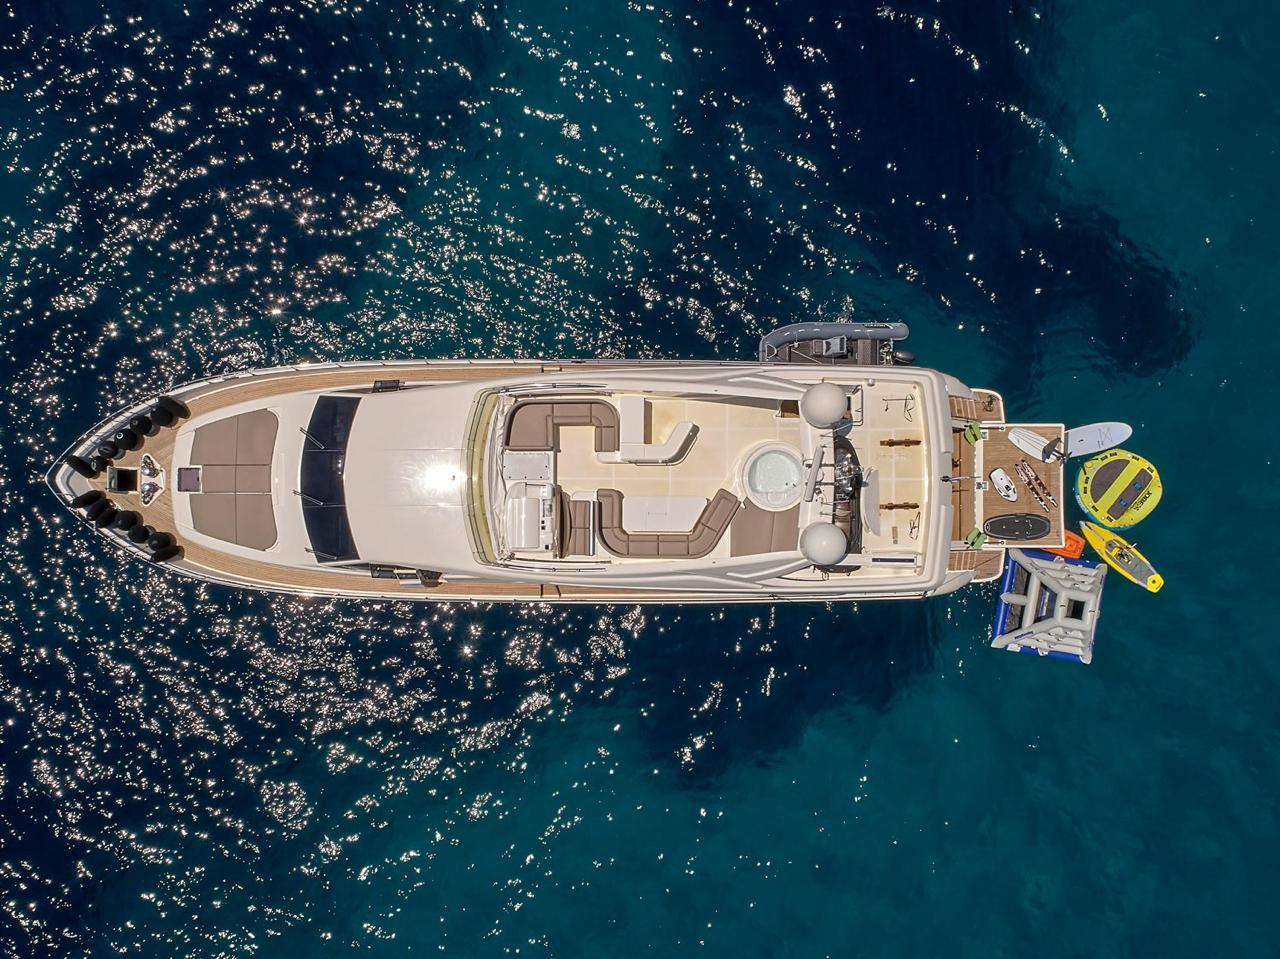 elite-motor-yacht-aerial (2)